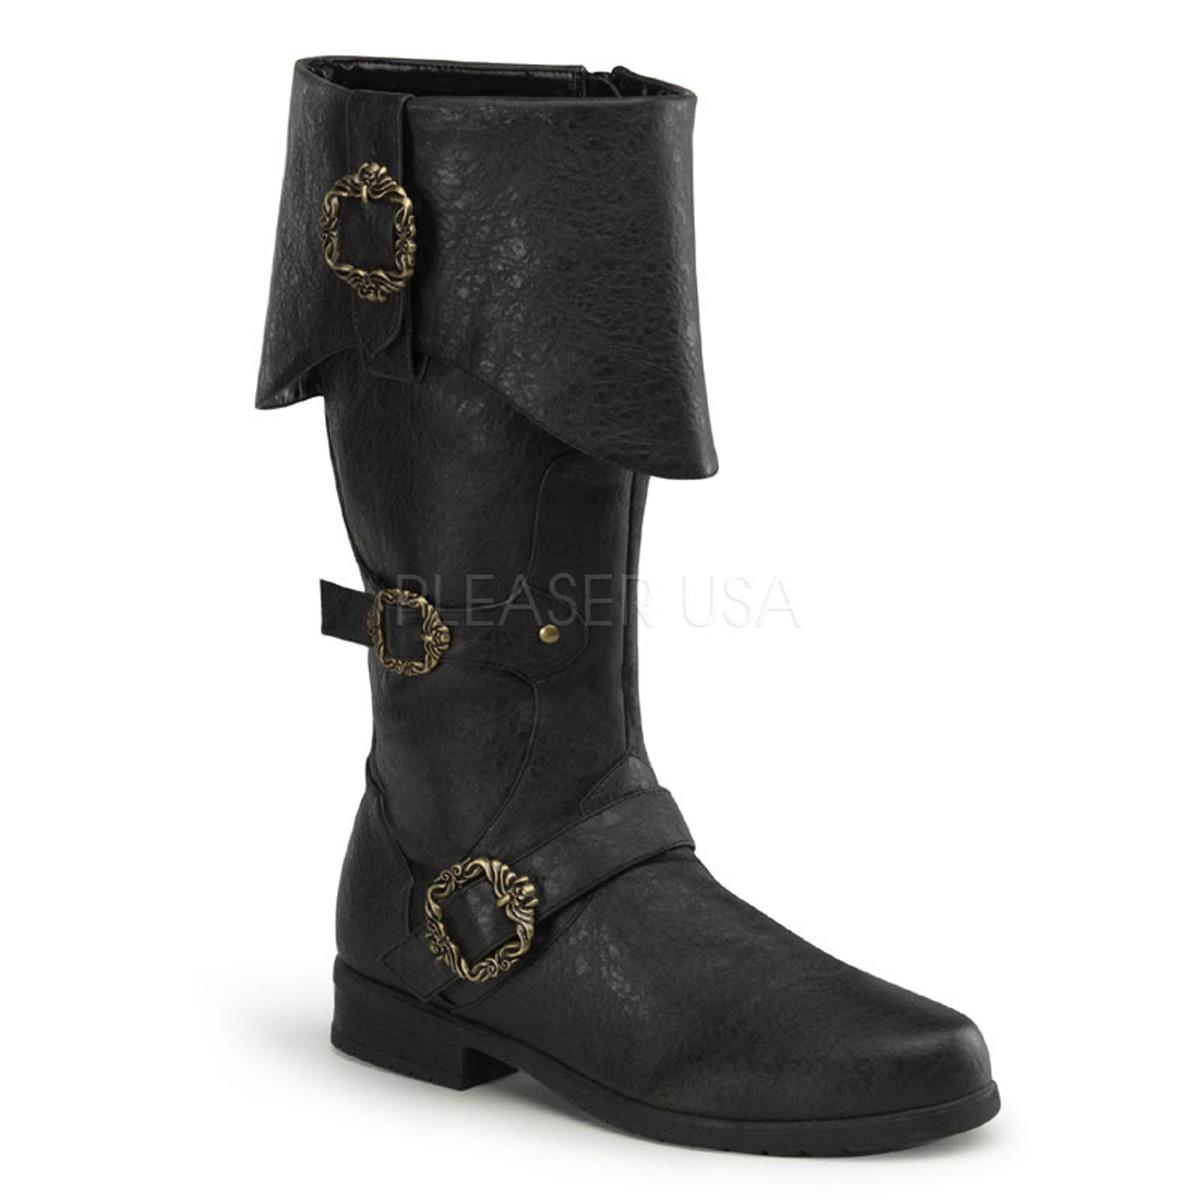 Piratenstiefel HerrenSchwarz Piratenstiefel Piratenstiefel Karibik Für HerrenSchwarz Piratenstiefel Karibik Karibik Für HerrenSchwarz Für BoedxC